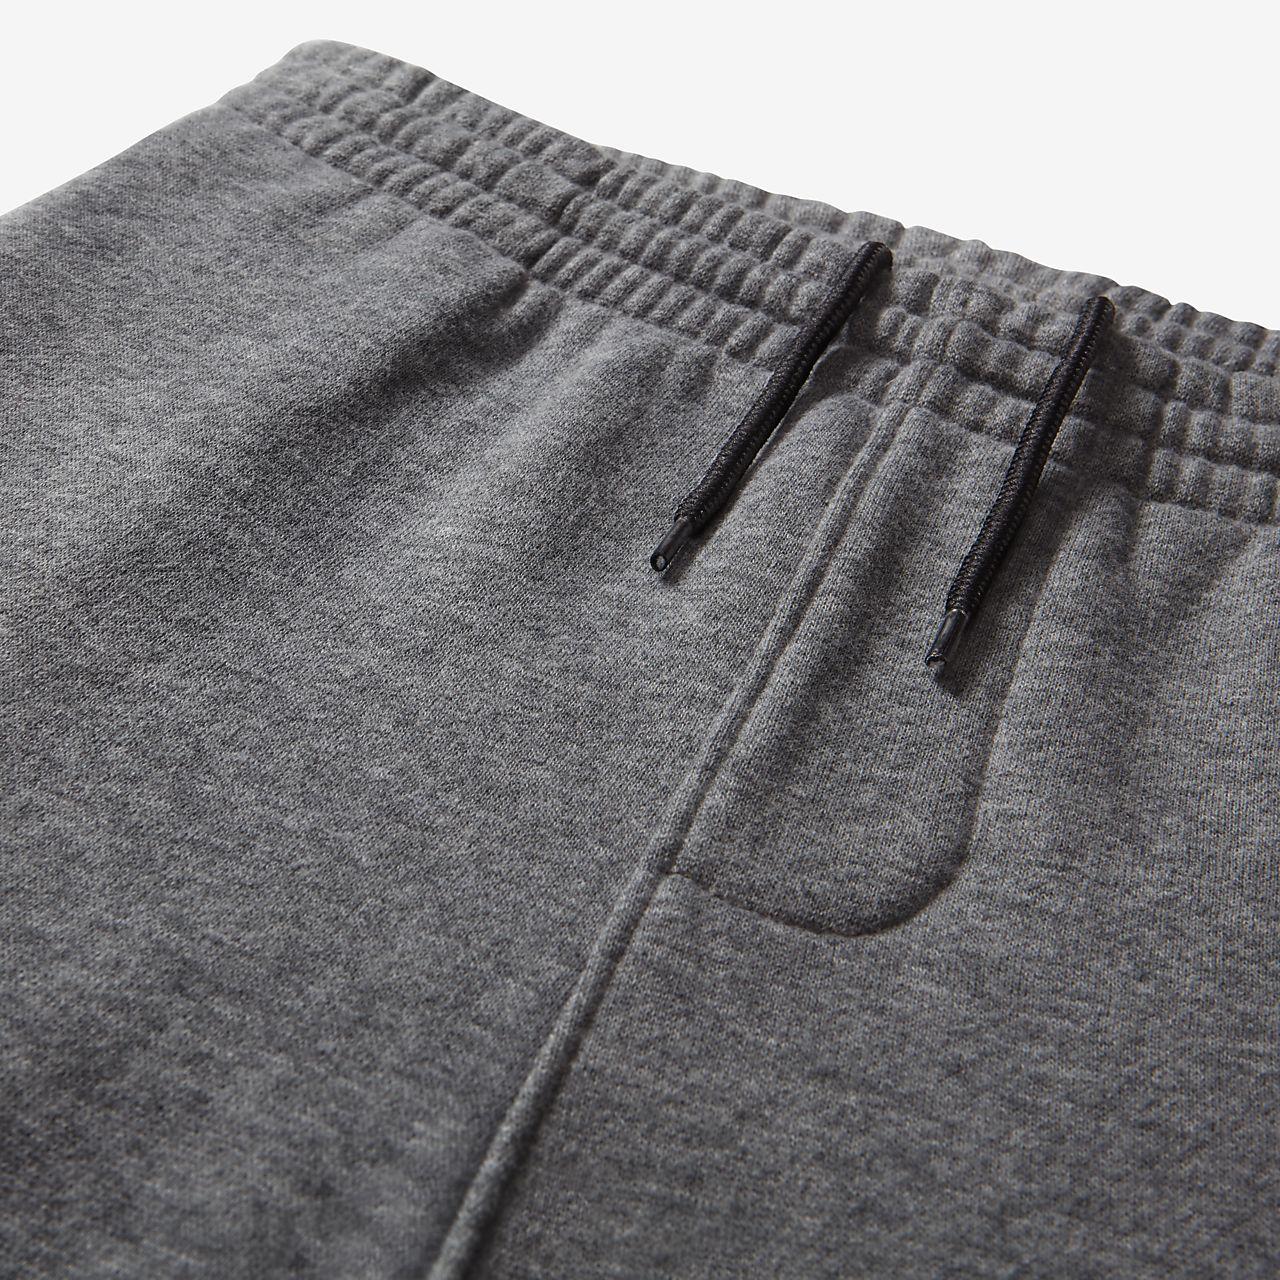 pantaloni air jordan ragazzo